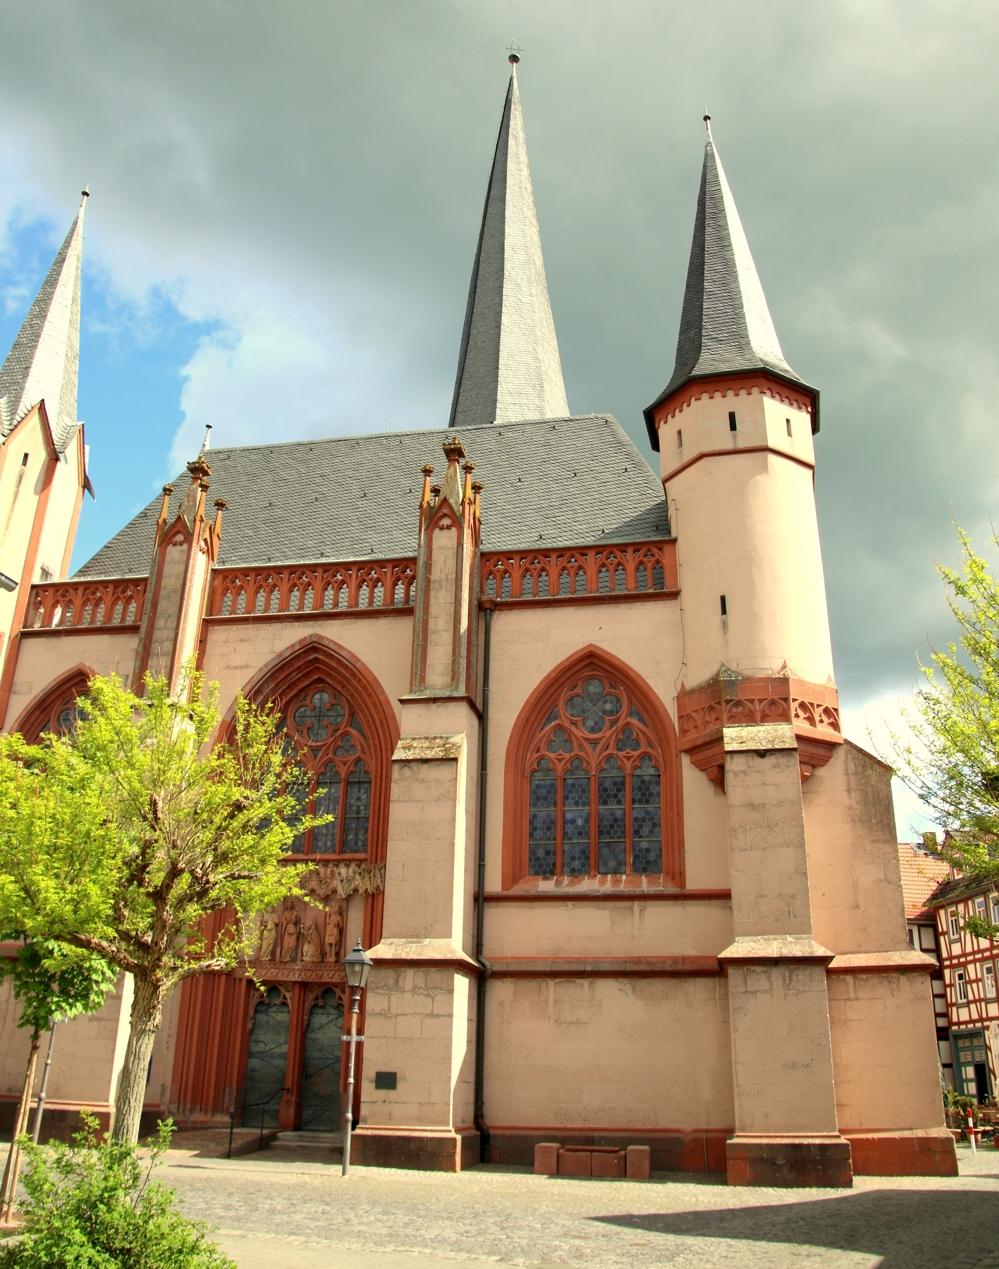 Liebfrauenkirche Schotten, Westseite